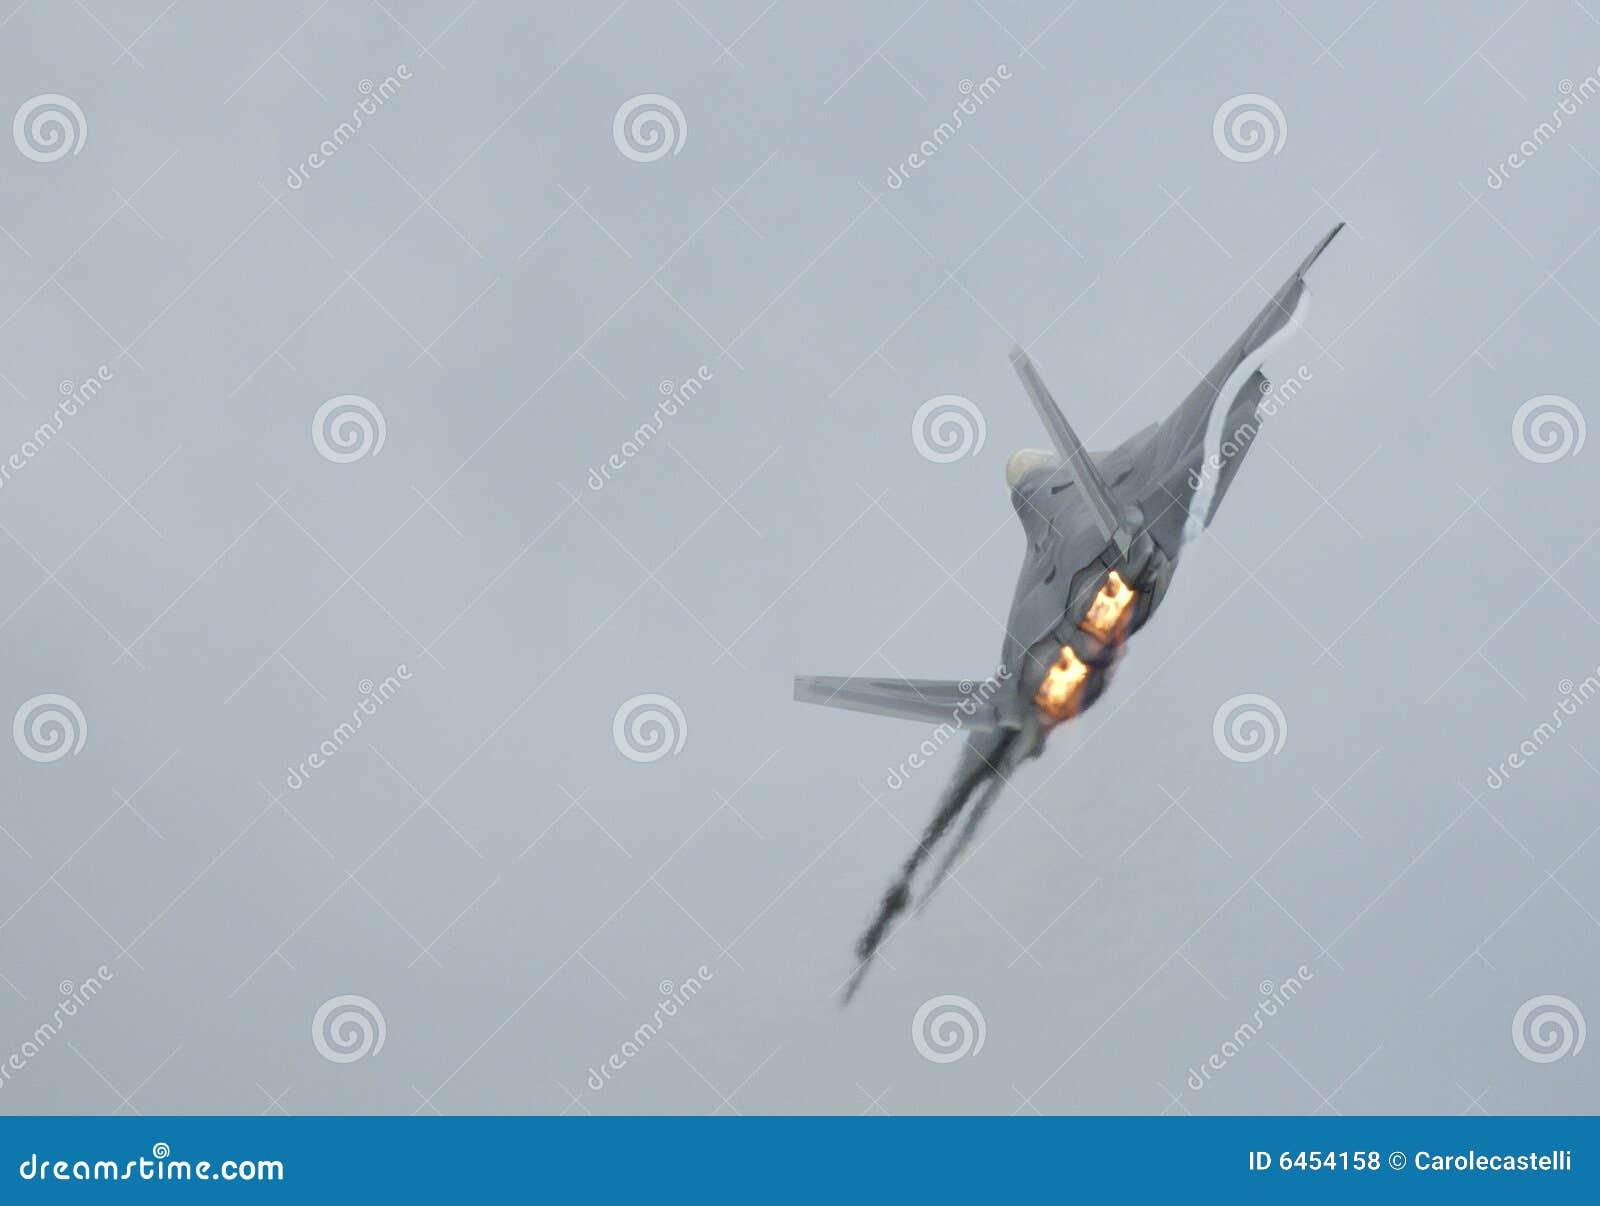 F-22 Raptor turning